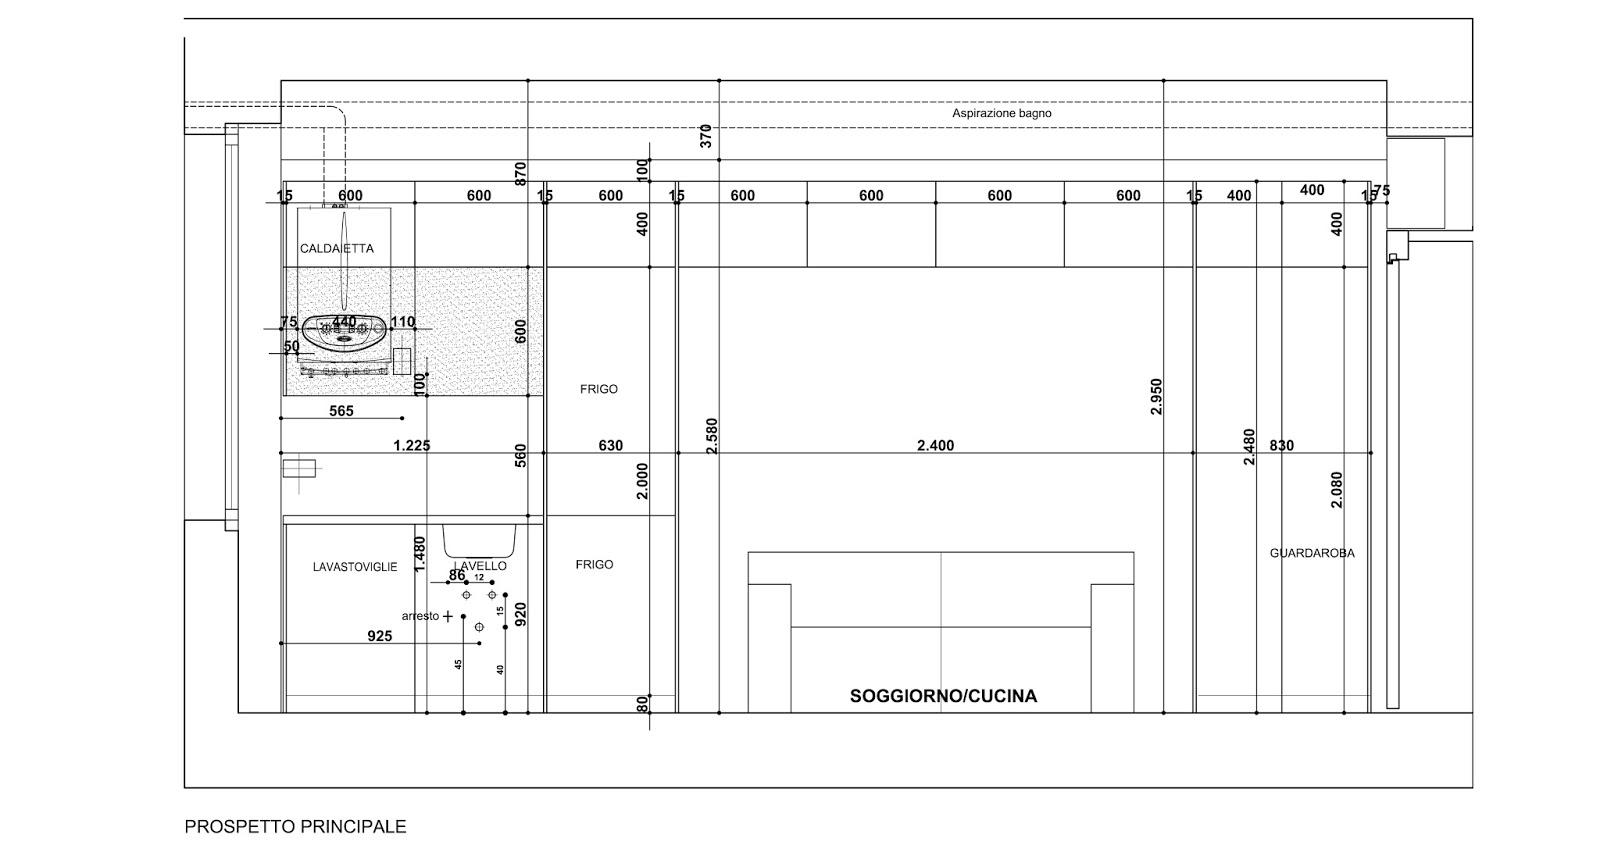 appunti di architettura: Gli armadi Ikea